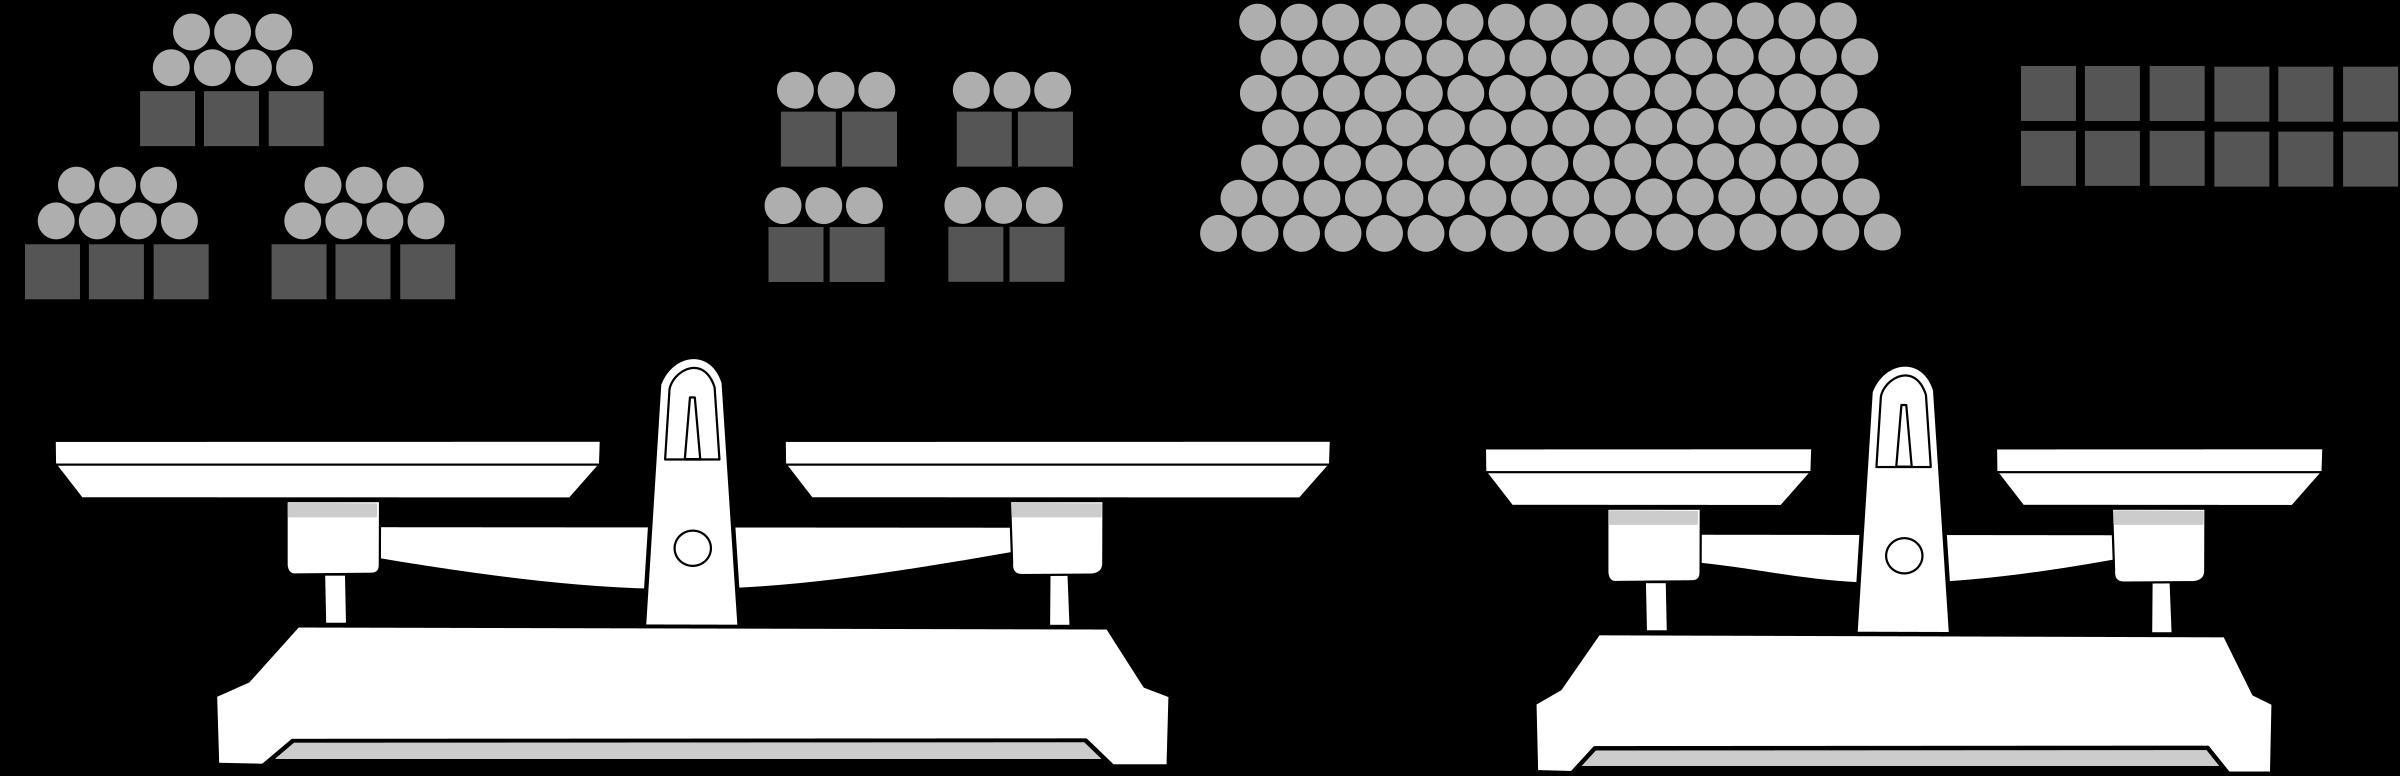 Waagen-Modell für Gleichungen by B.Lachner